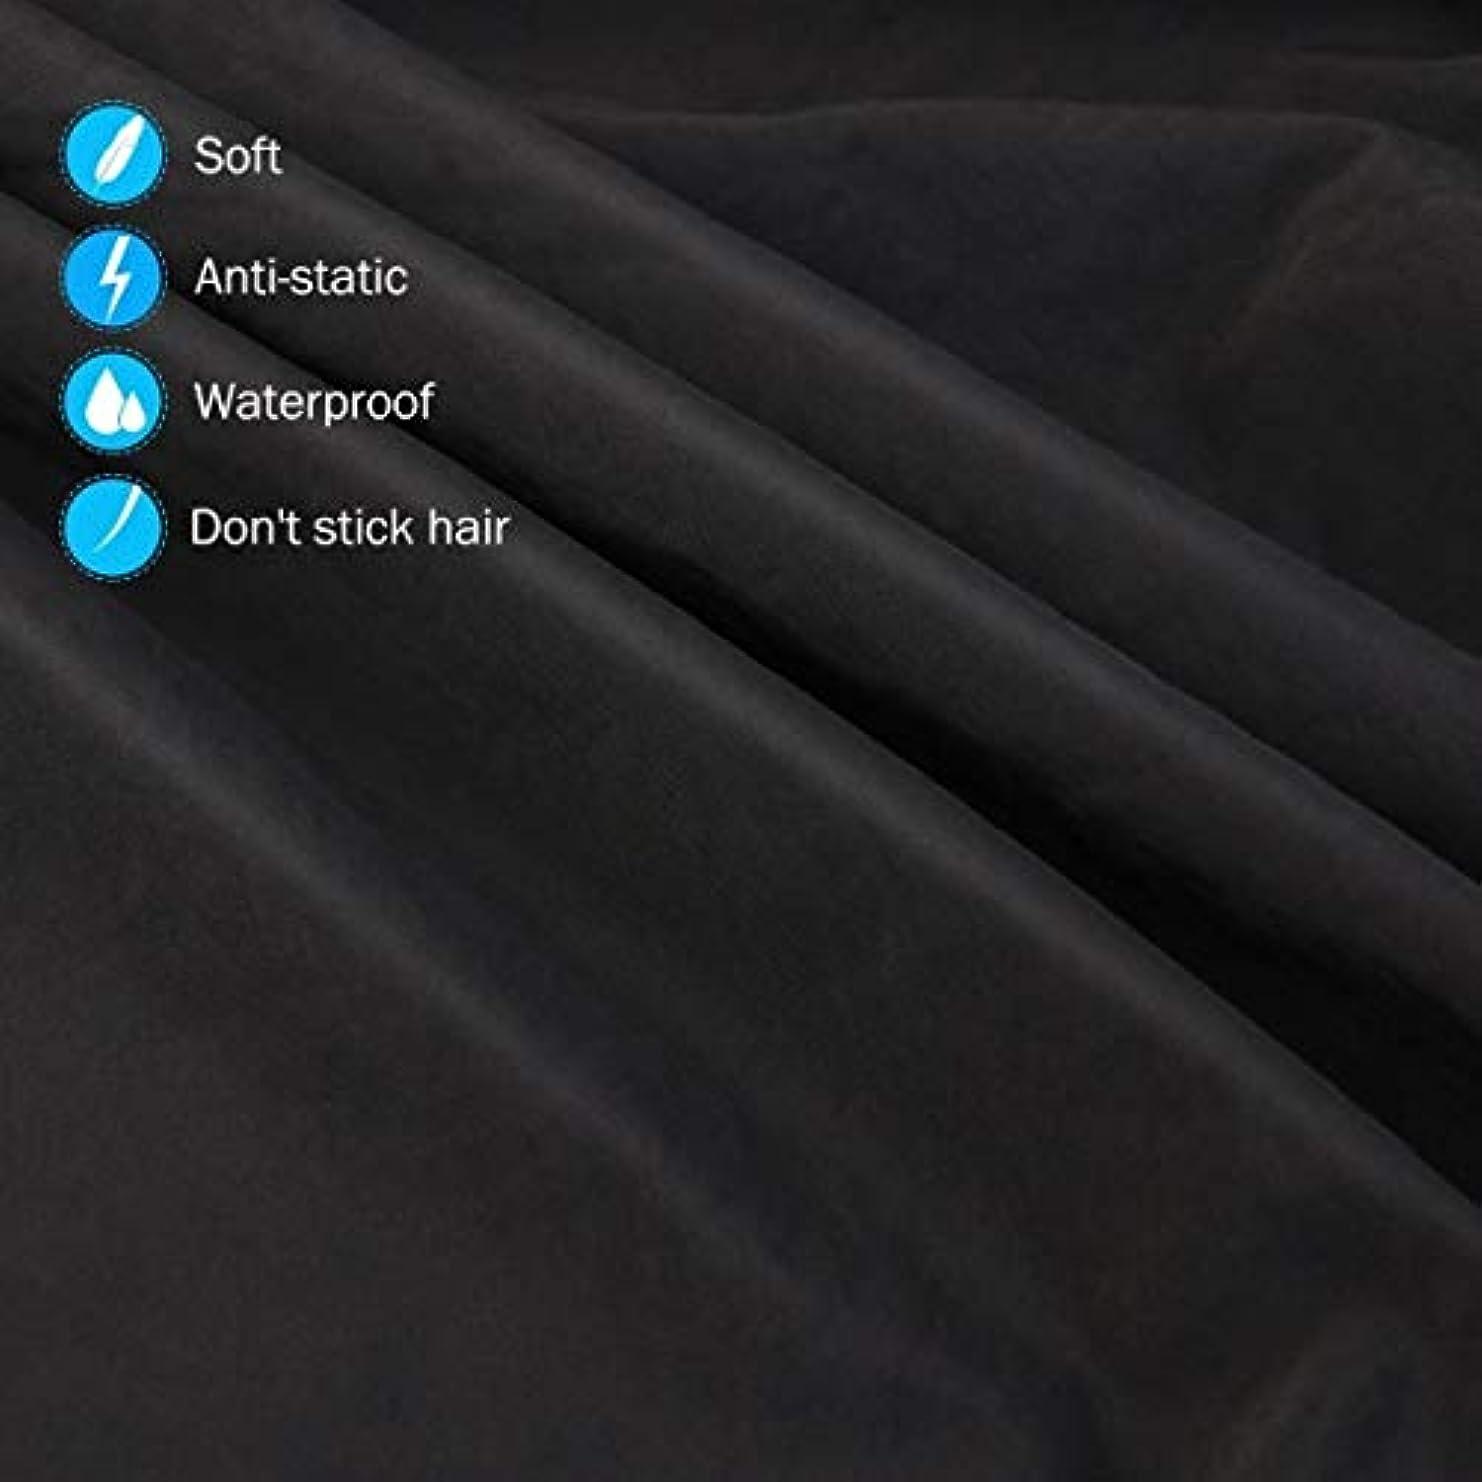 果てしない予算リネンHIZLJJ 大広間の家の理髪師の観覧の窓が付いている理髪ケープのガウン毛の切断のための目に見える観覧の窓が付いている防水大広間のガウンのエプロン